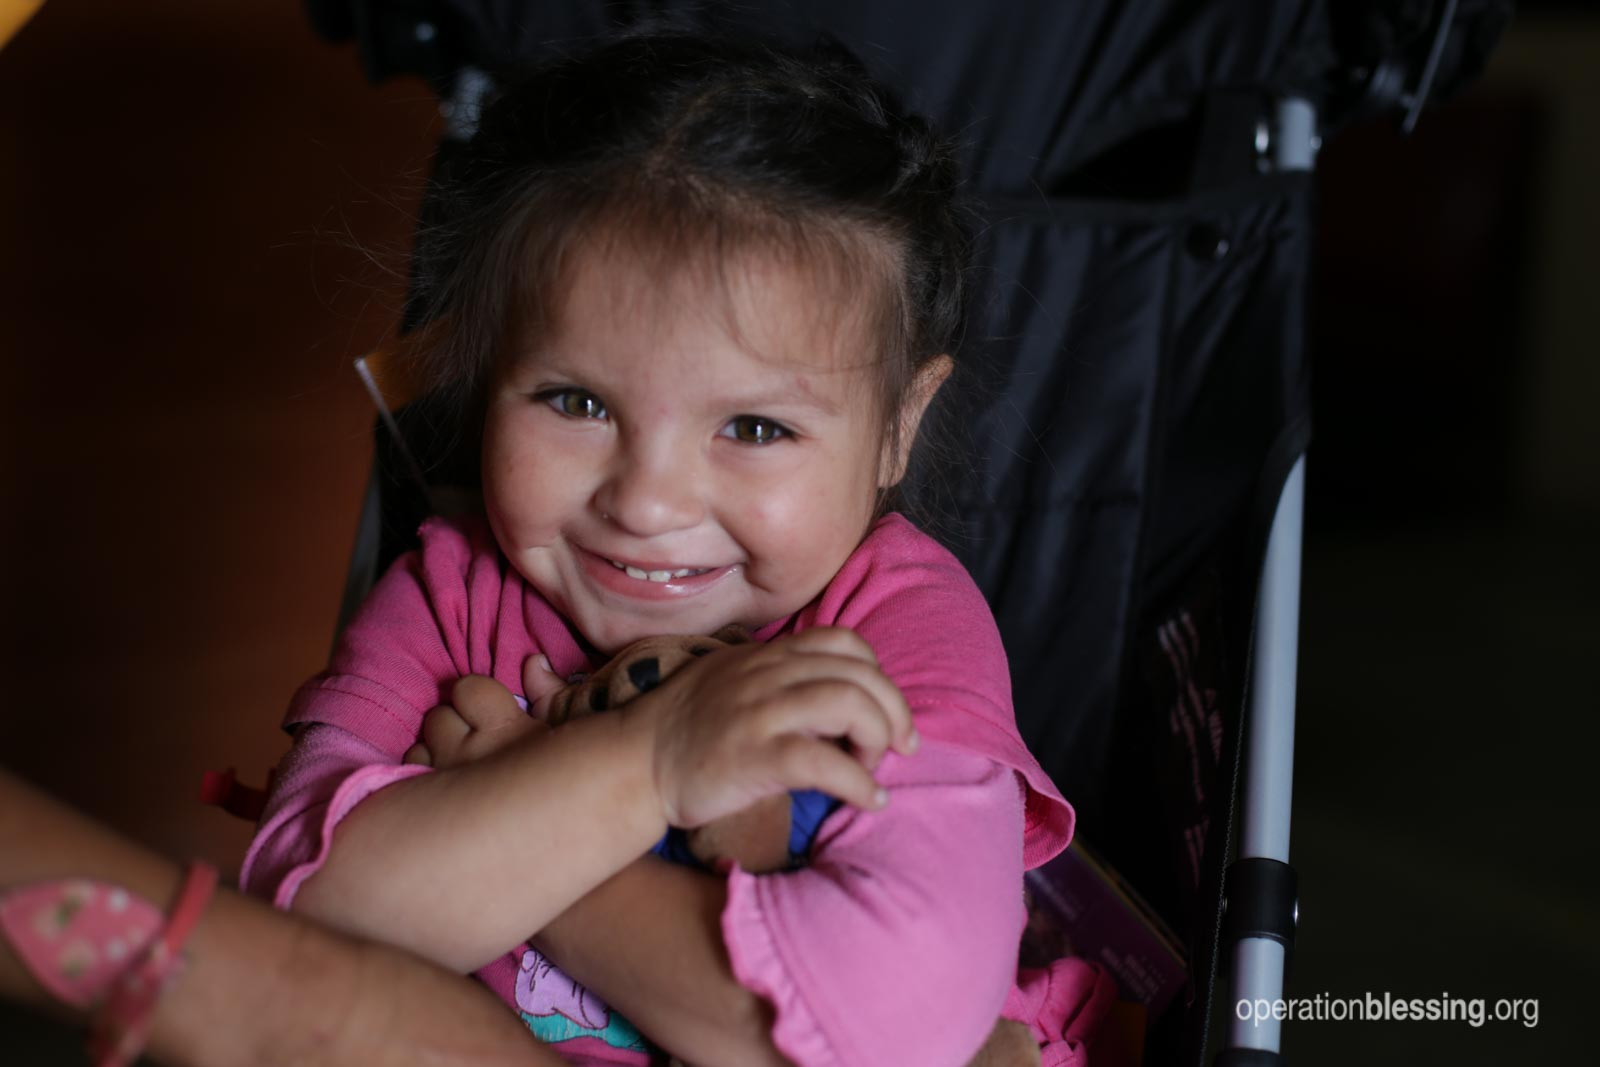 Fernanda smiles in her new stroller from Operation Blessing friends.